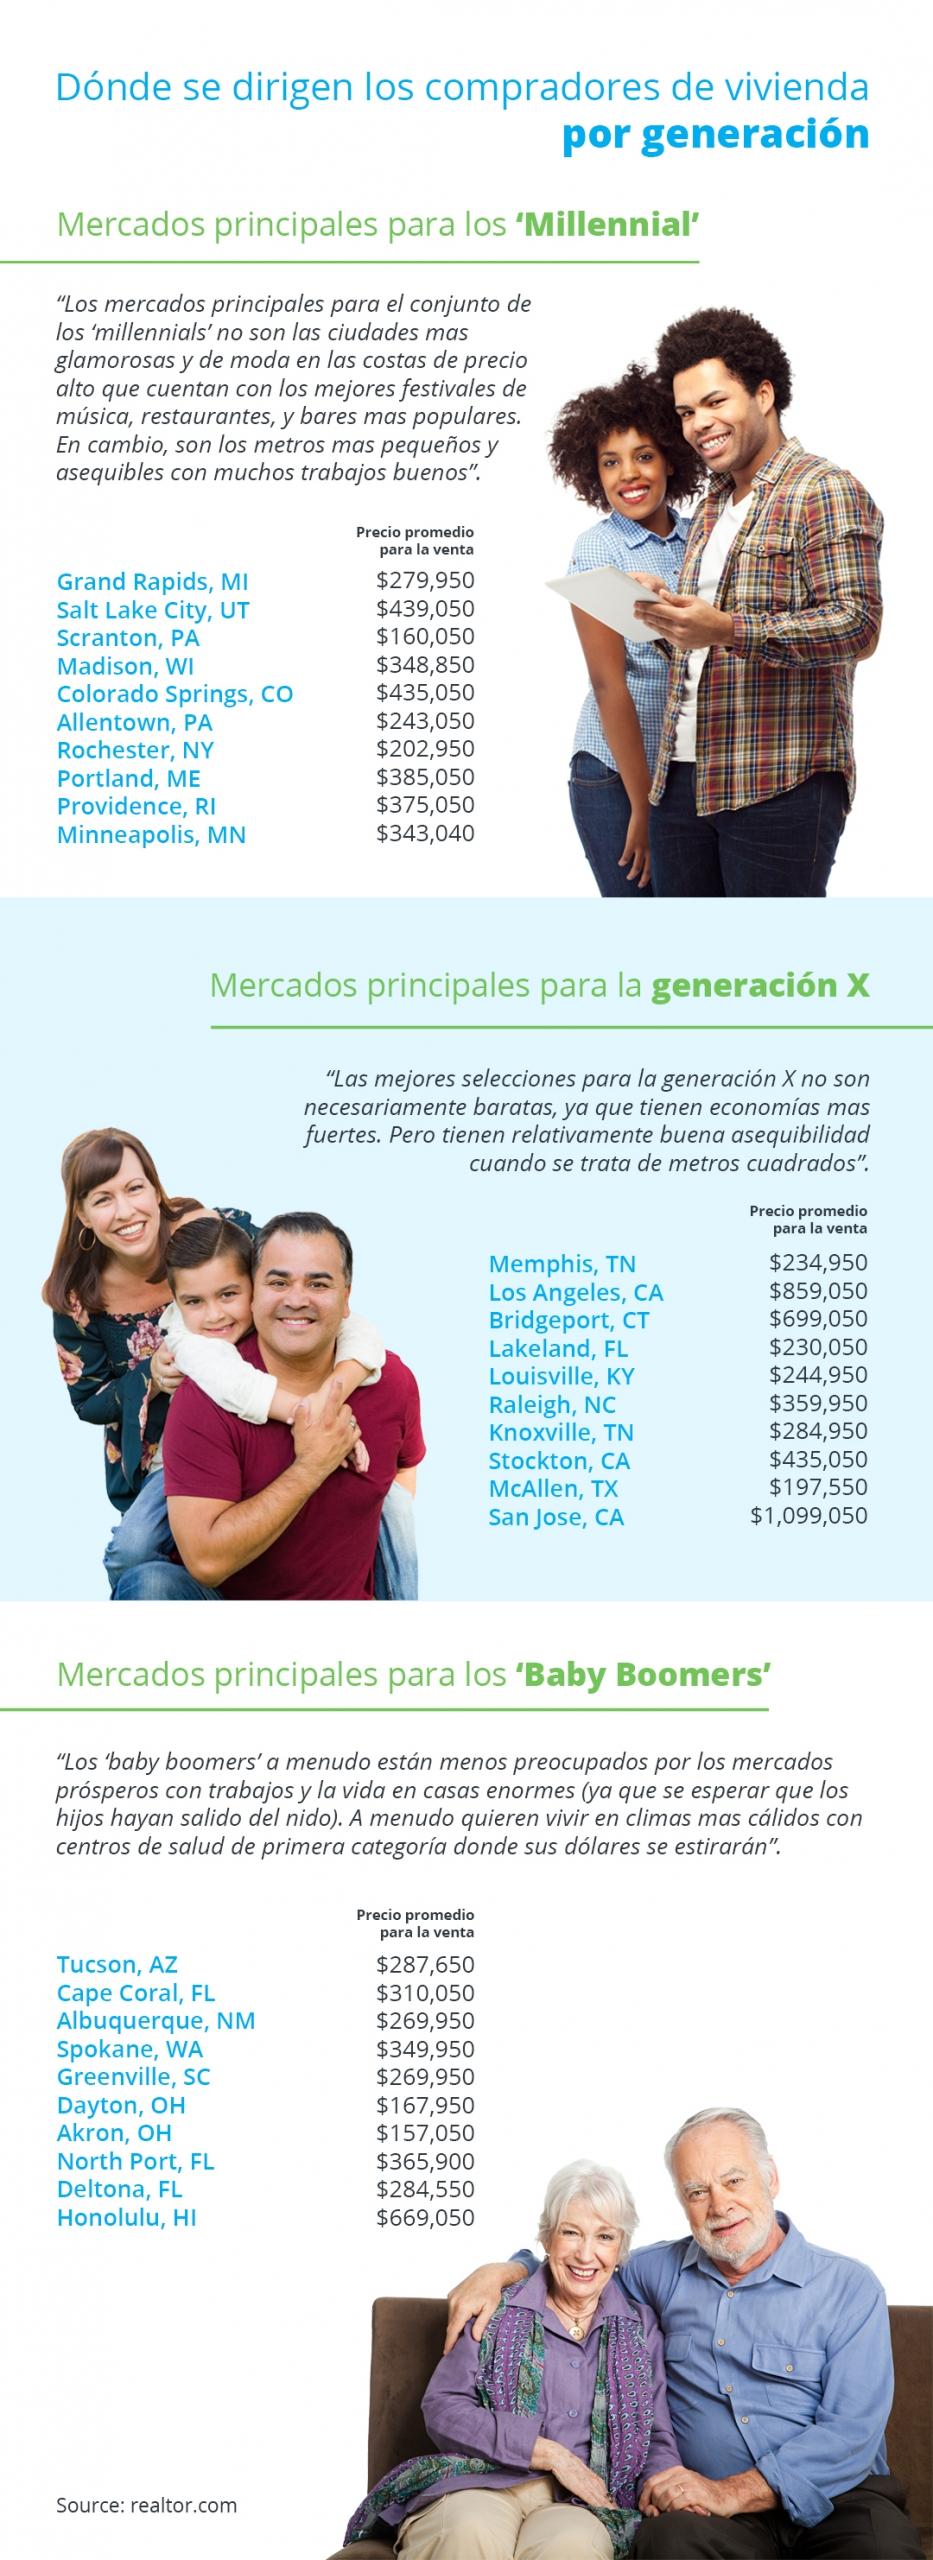 Dónde se dirigen los compradores de vivienda por generación [infografía] | Simplifying The Market